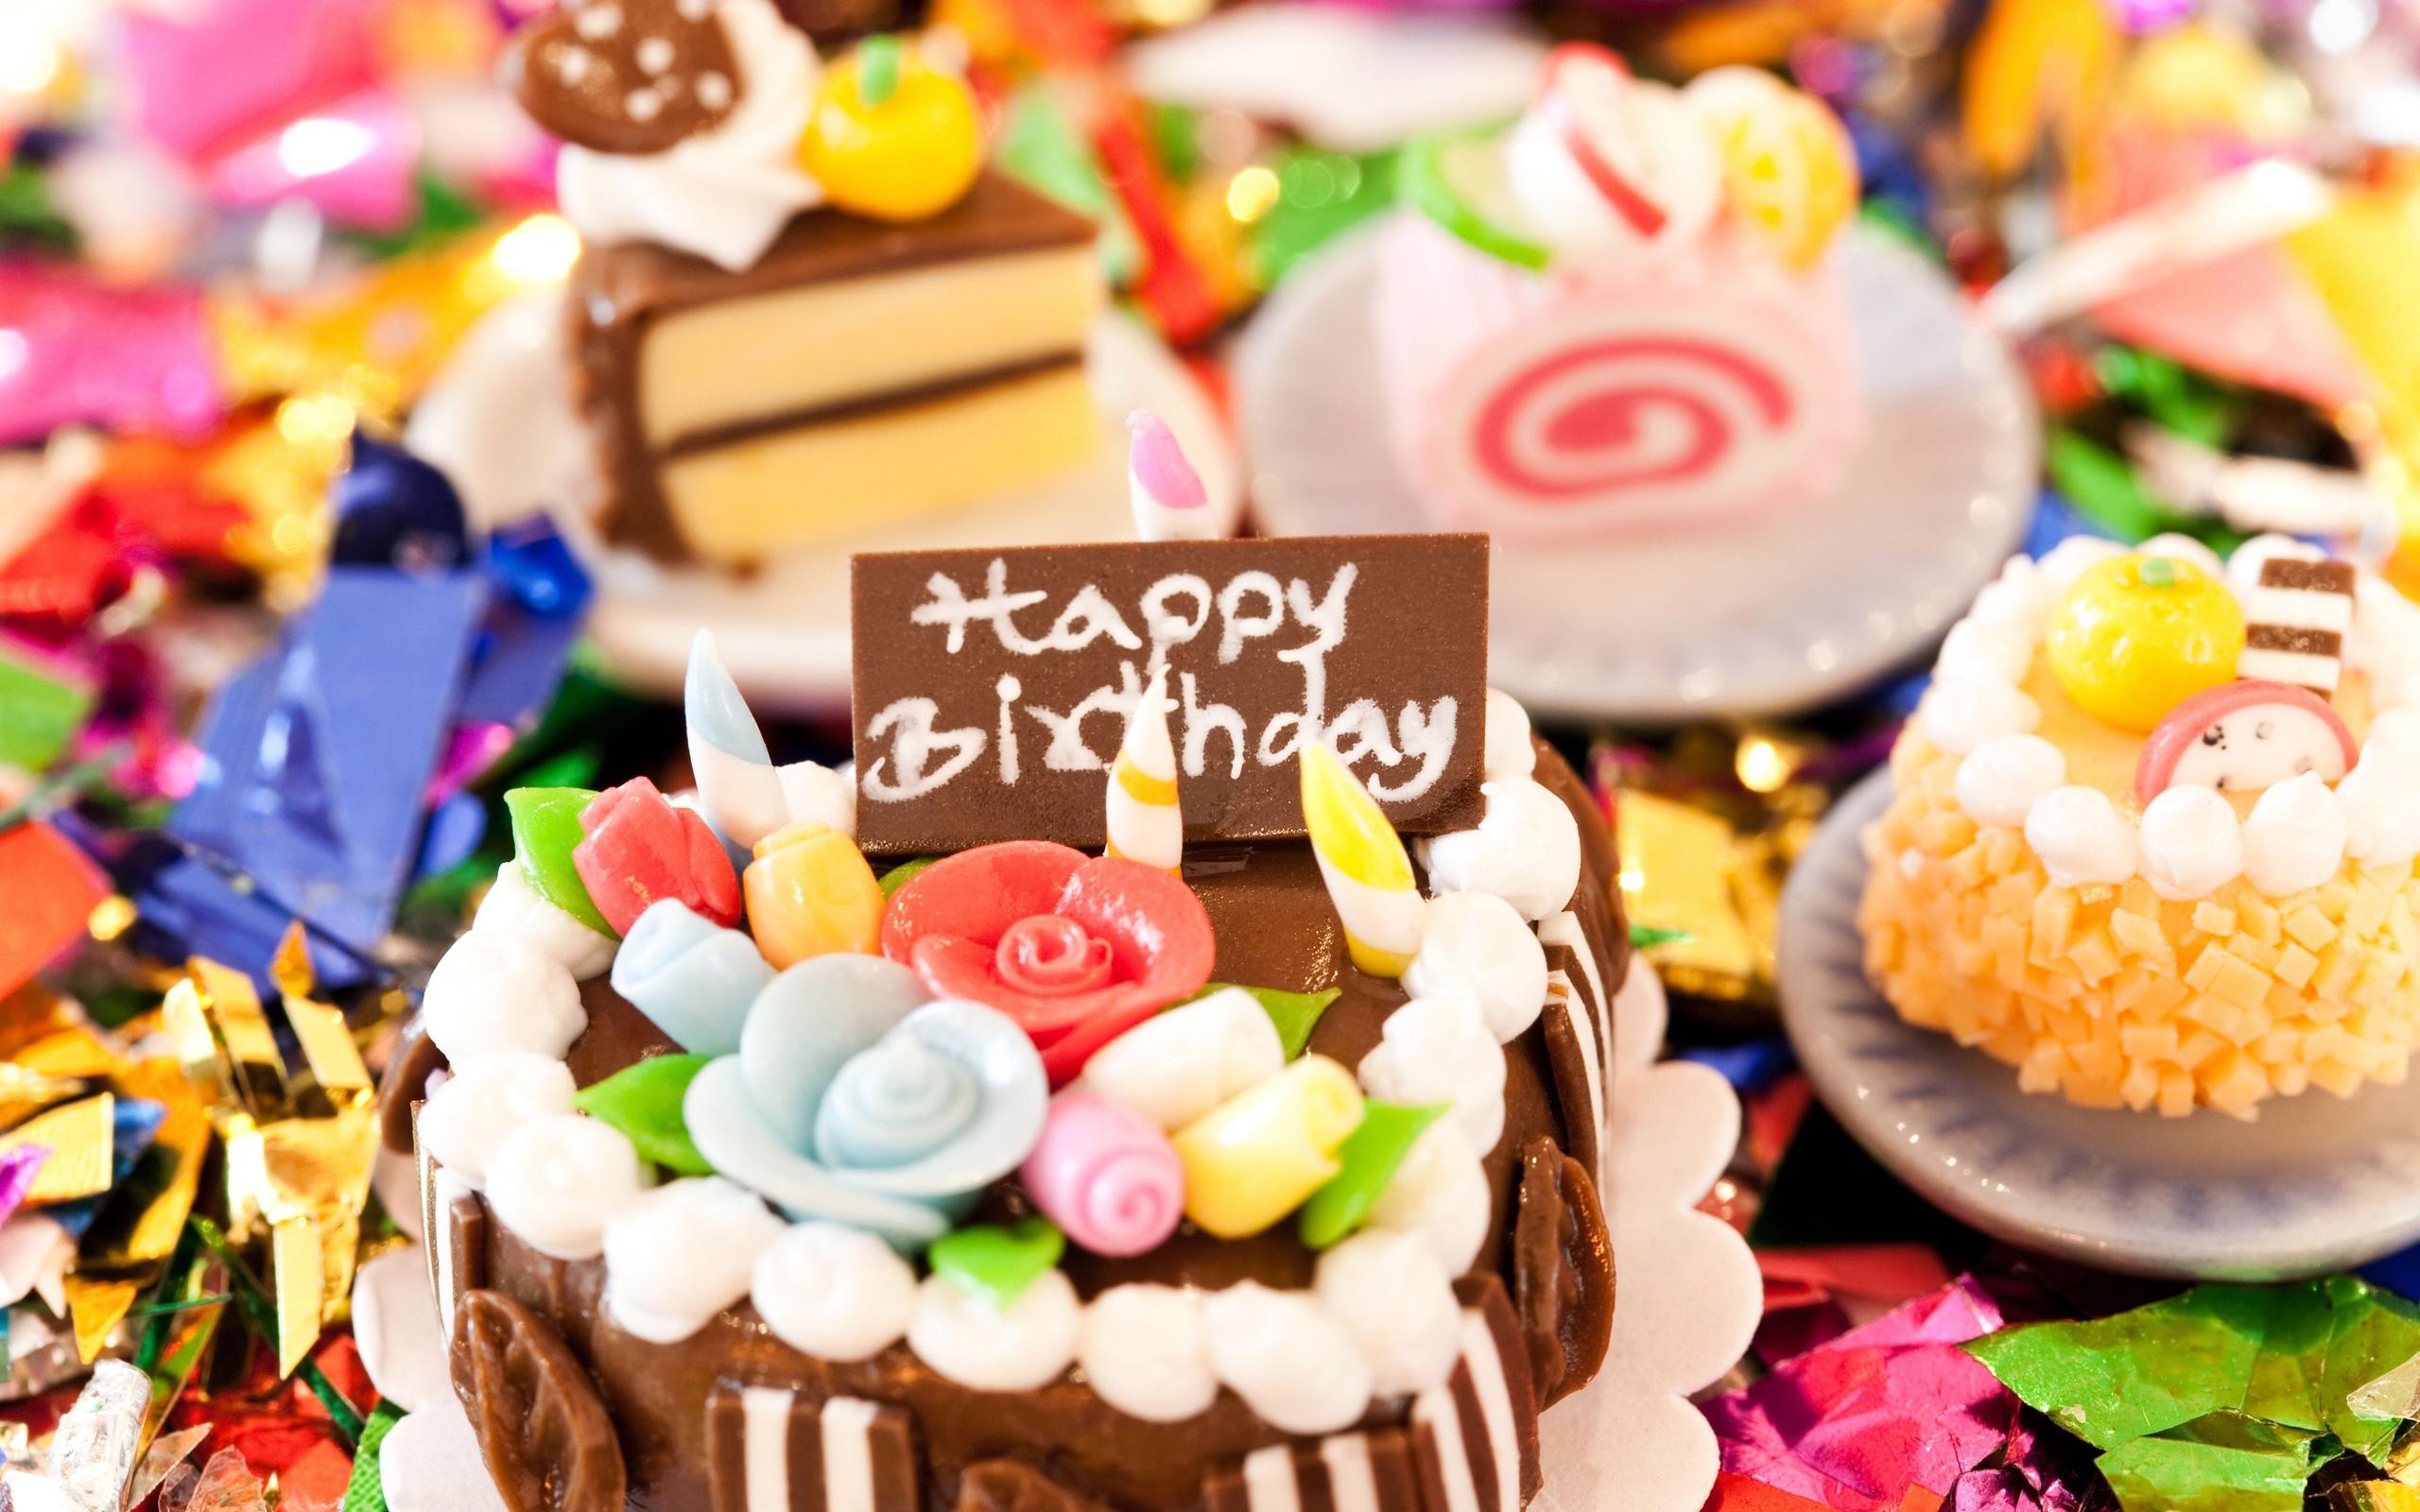 Дню, красивый торт на день рождения картинки